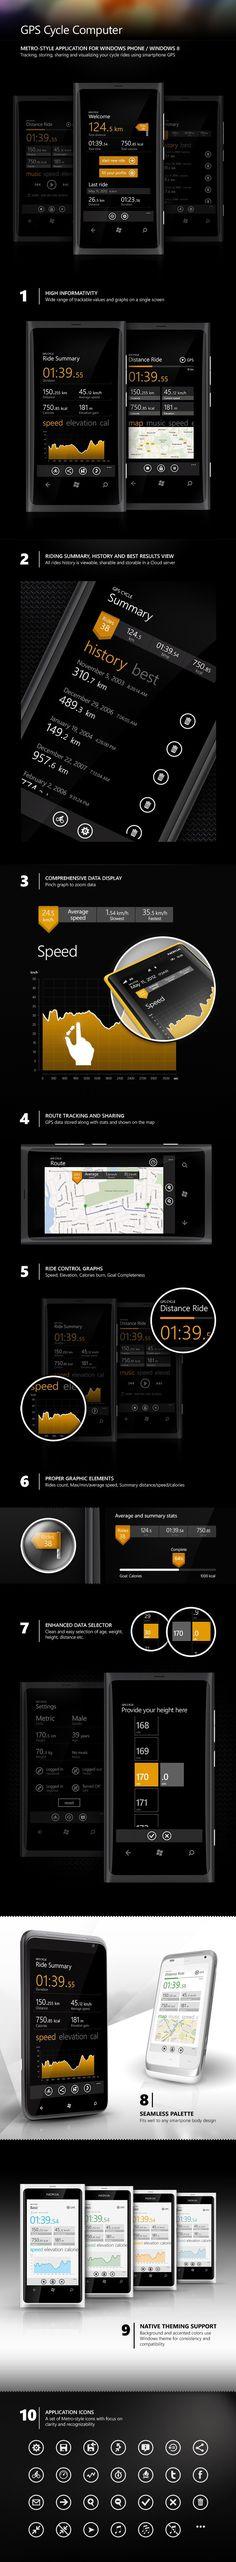 Inspiration mobile #3 : Visualisation de données et graphiques | Blog du Webdesign